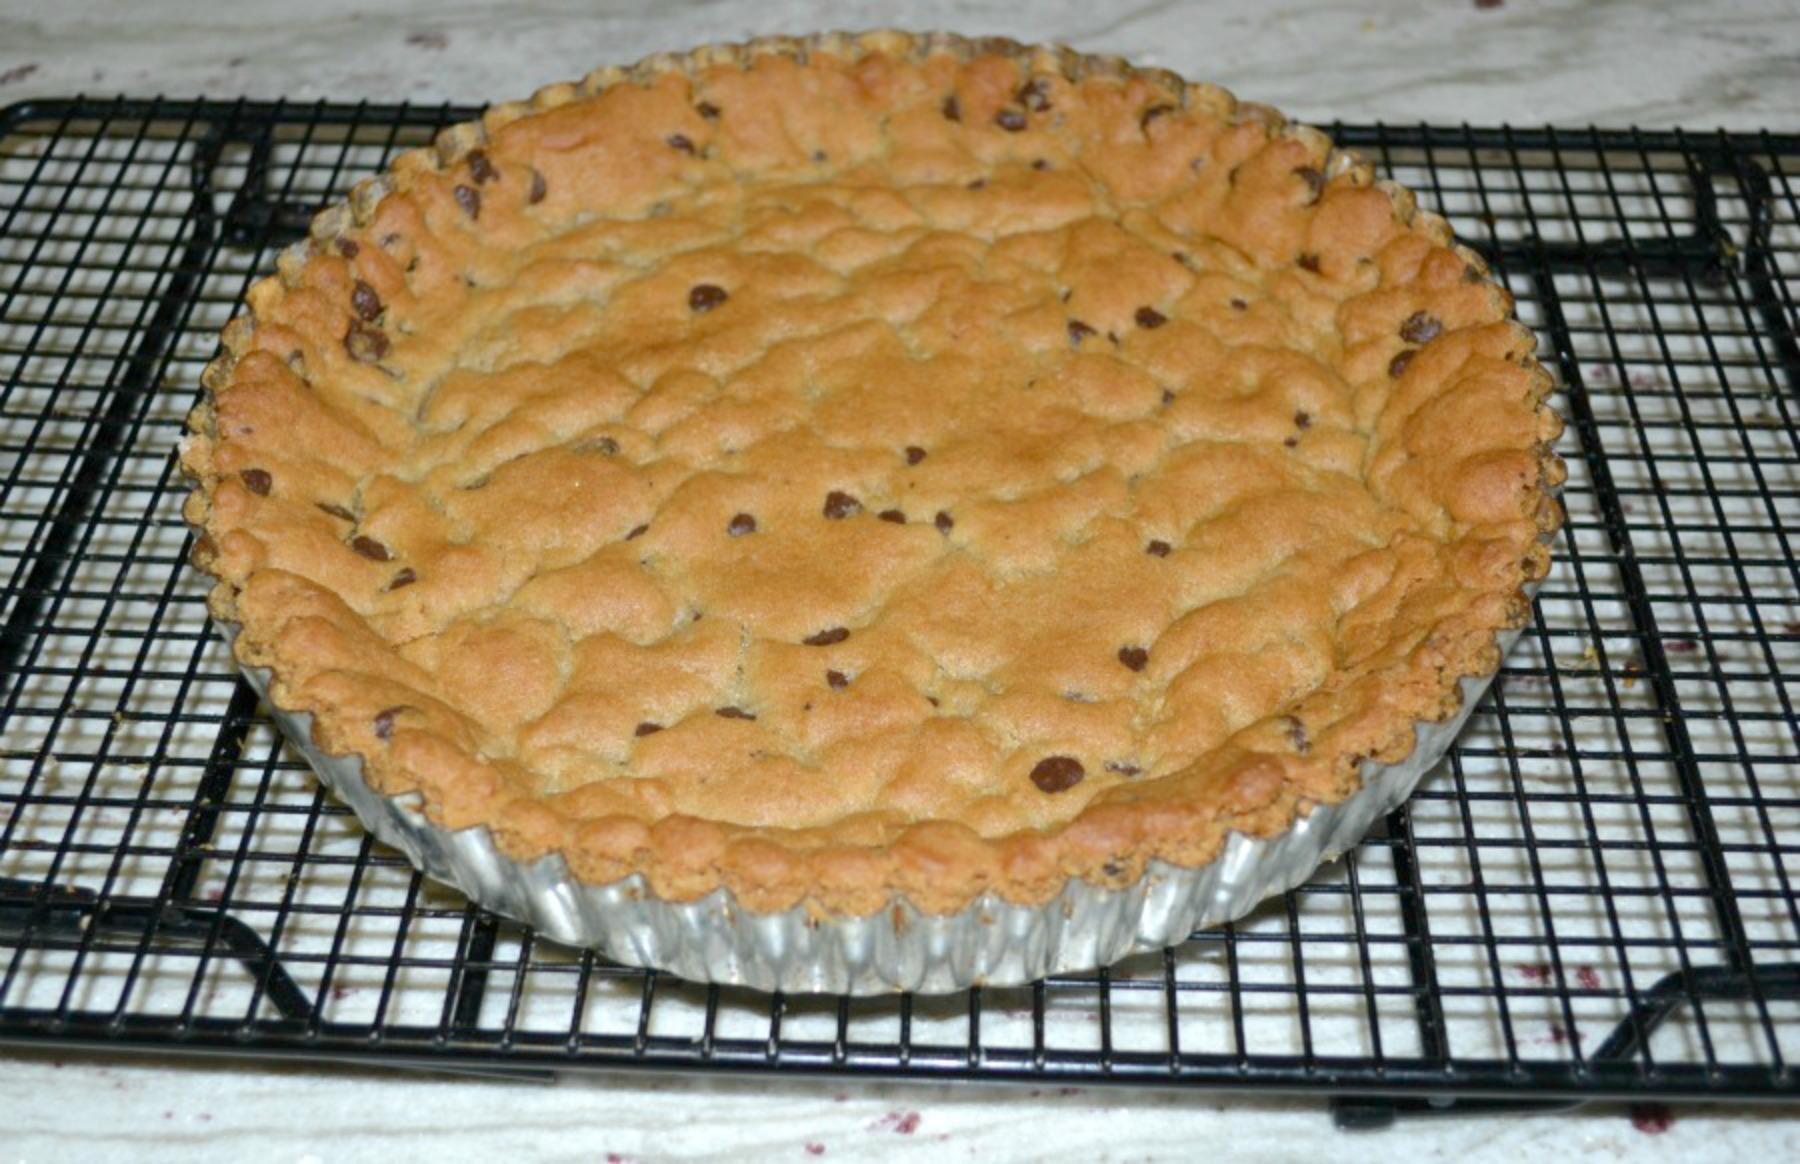 cookie dough crust, tart making, kids cooking